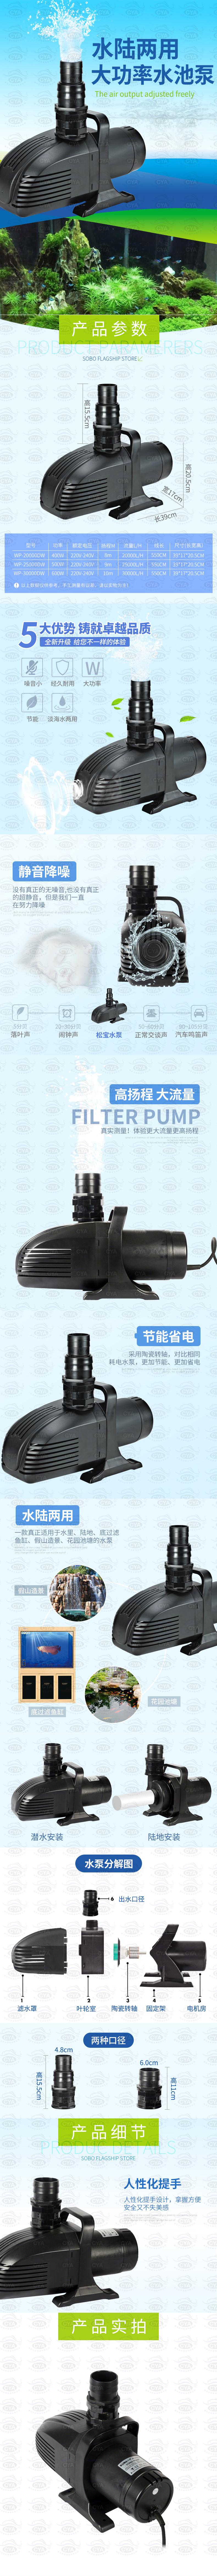 WP 20000 - 30000 Modal PSD